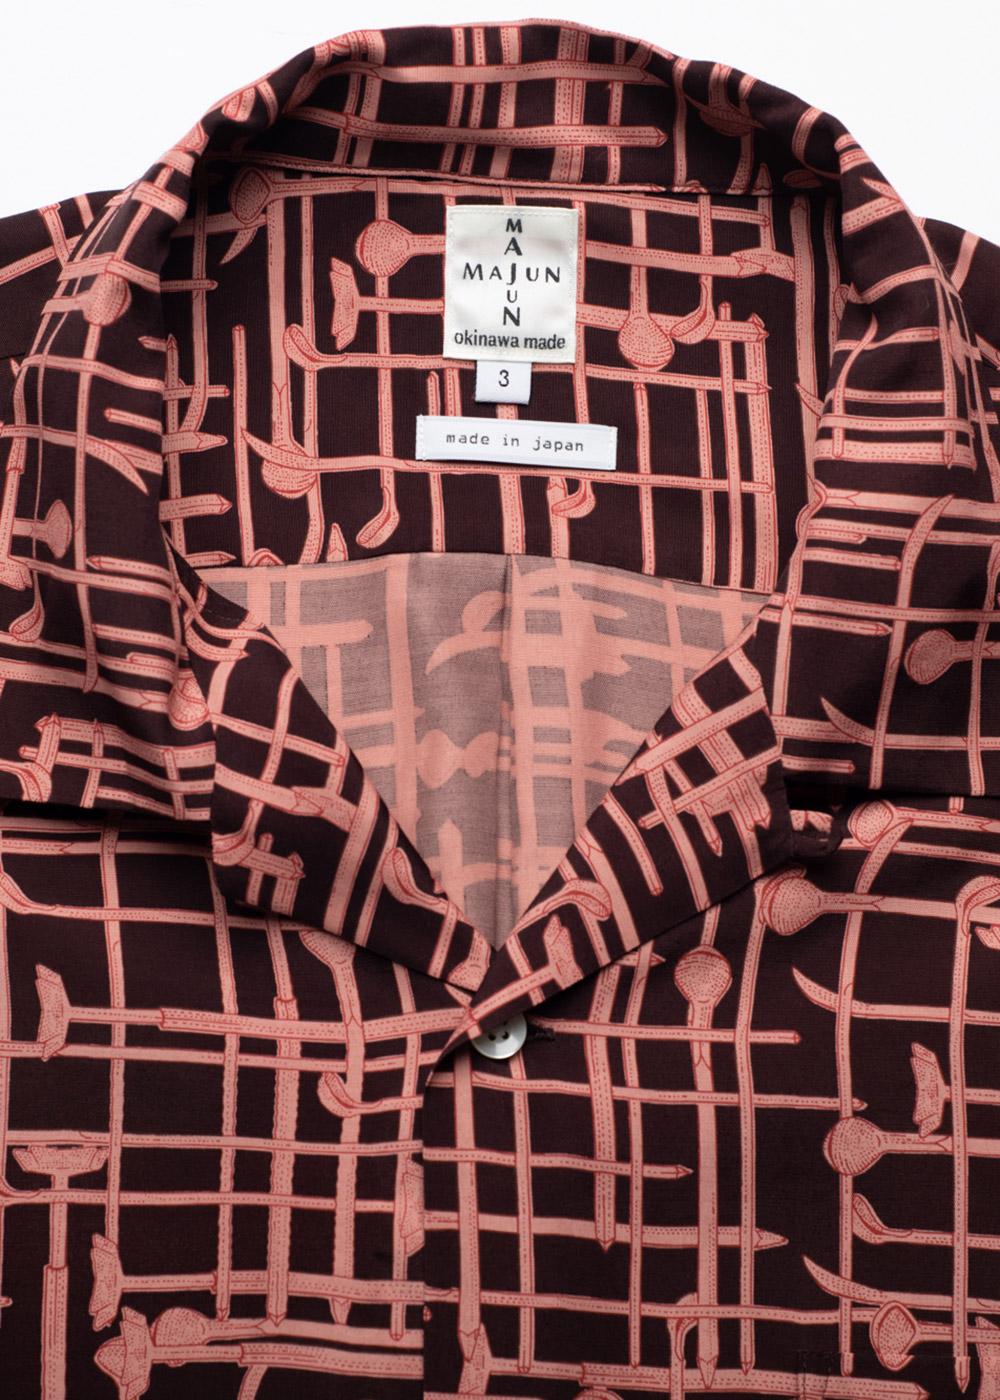 かりゆしウェア(沖縄版アロハシャツ) MAJUN - ジーファーチェック